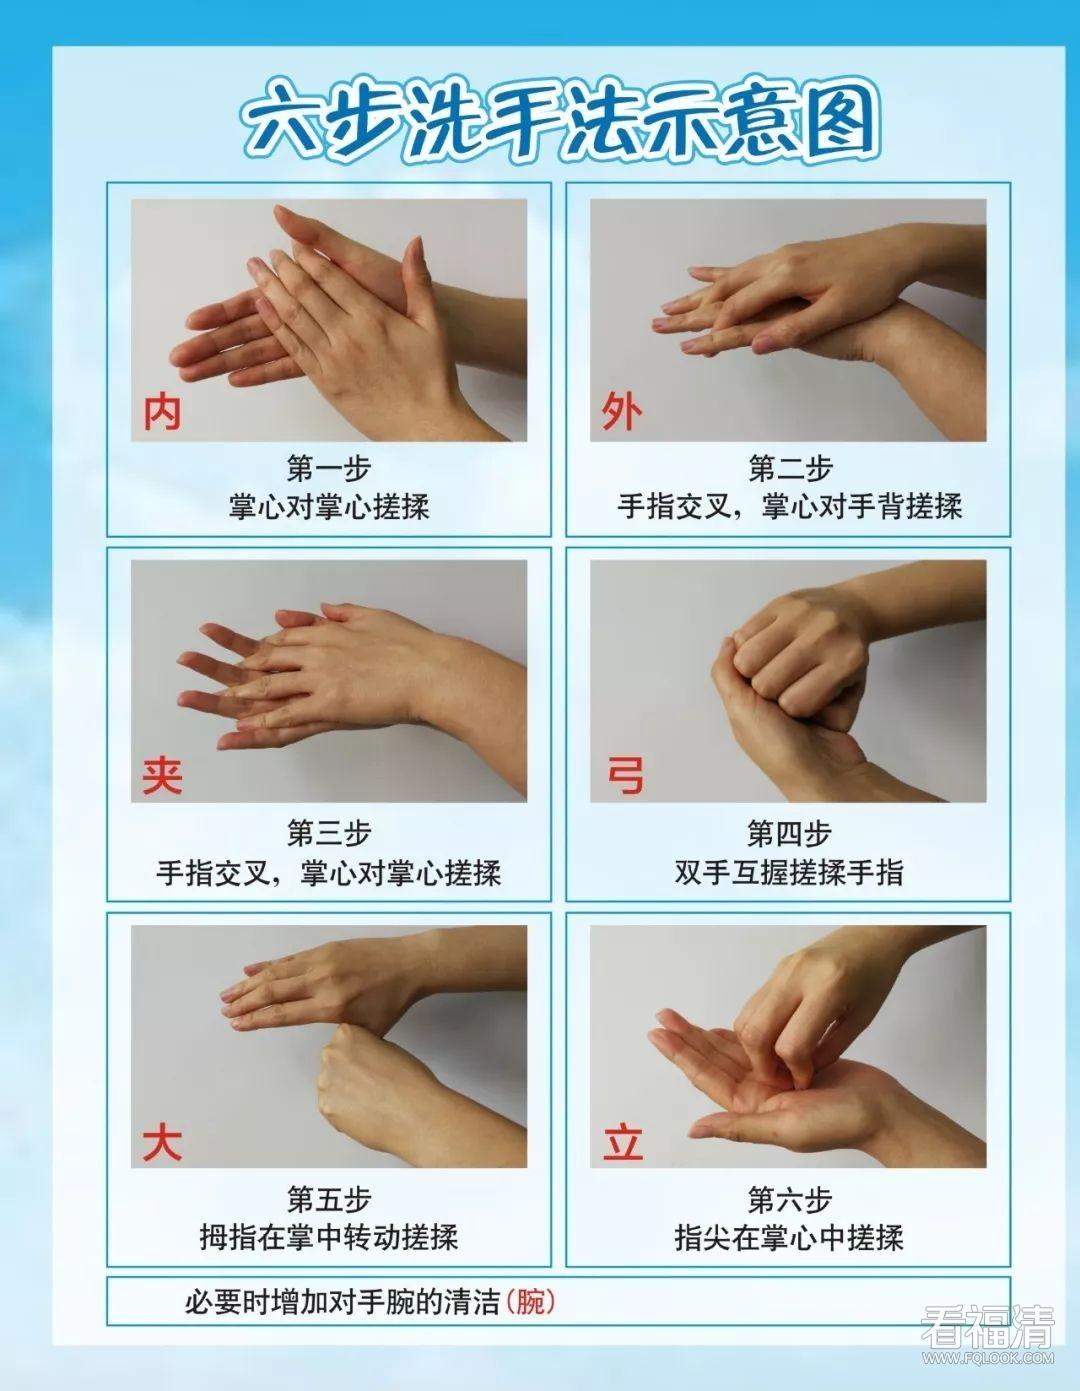 """病从""""手""""入,一图告诉你如何正确洗手及避免疾病感染!"""